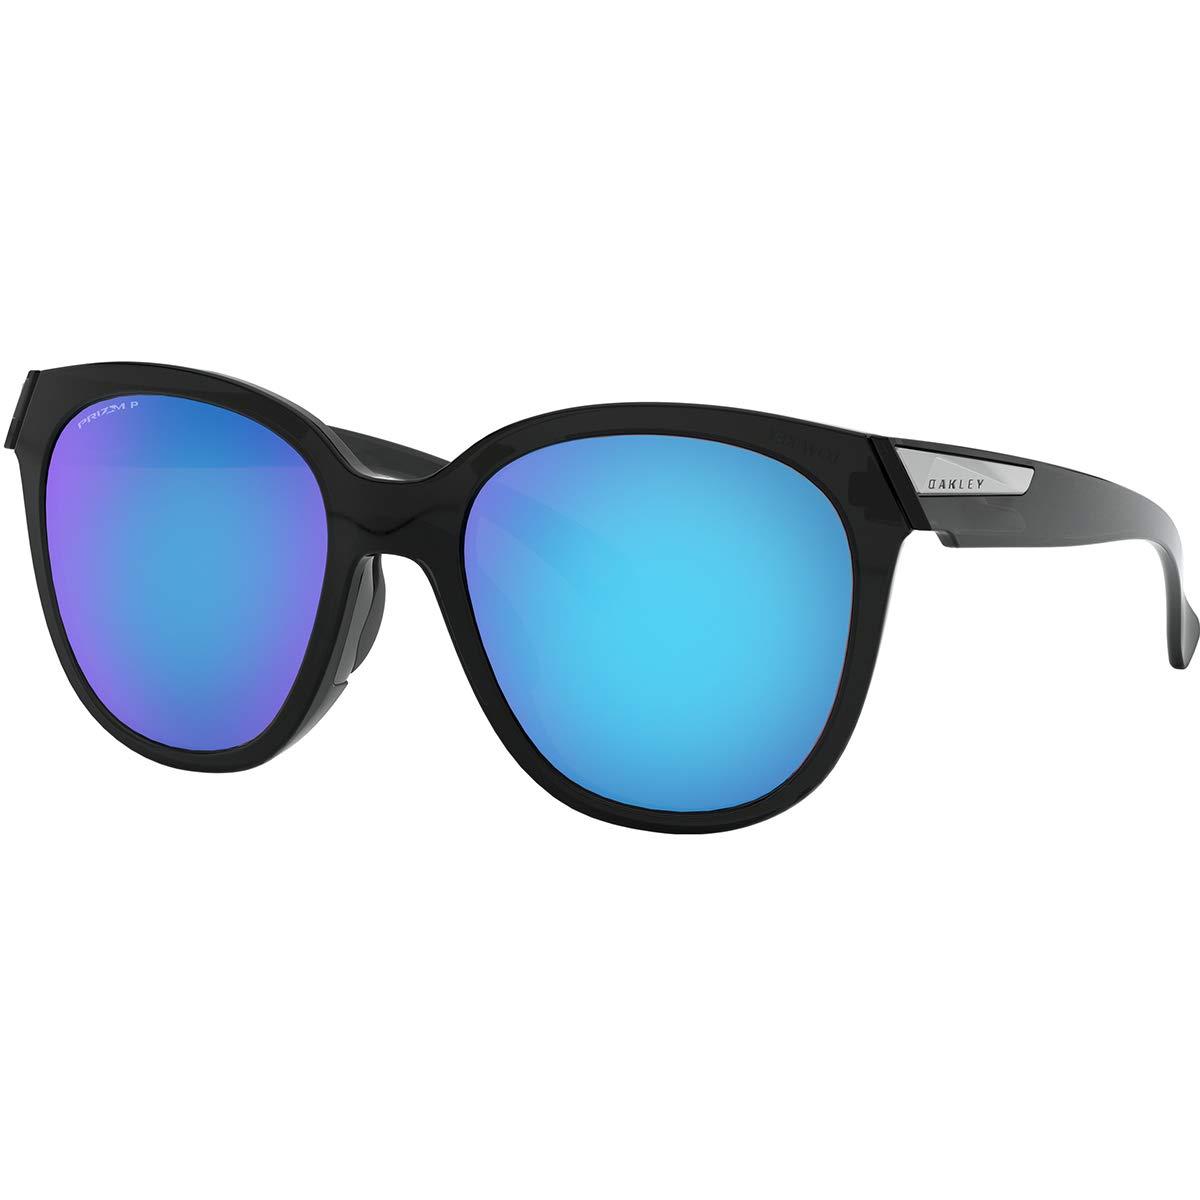 Oakley Women's Low Key Sunglasses,OS,Black Ink/Prizm Sapphire Polarized by Oakley